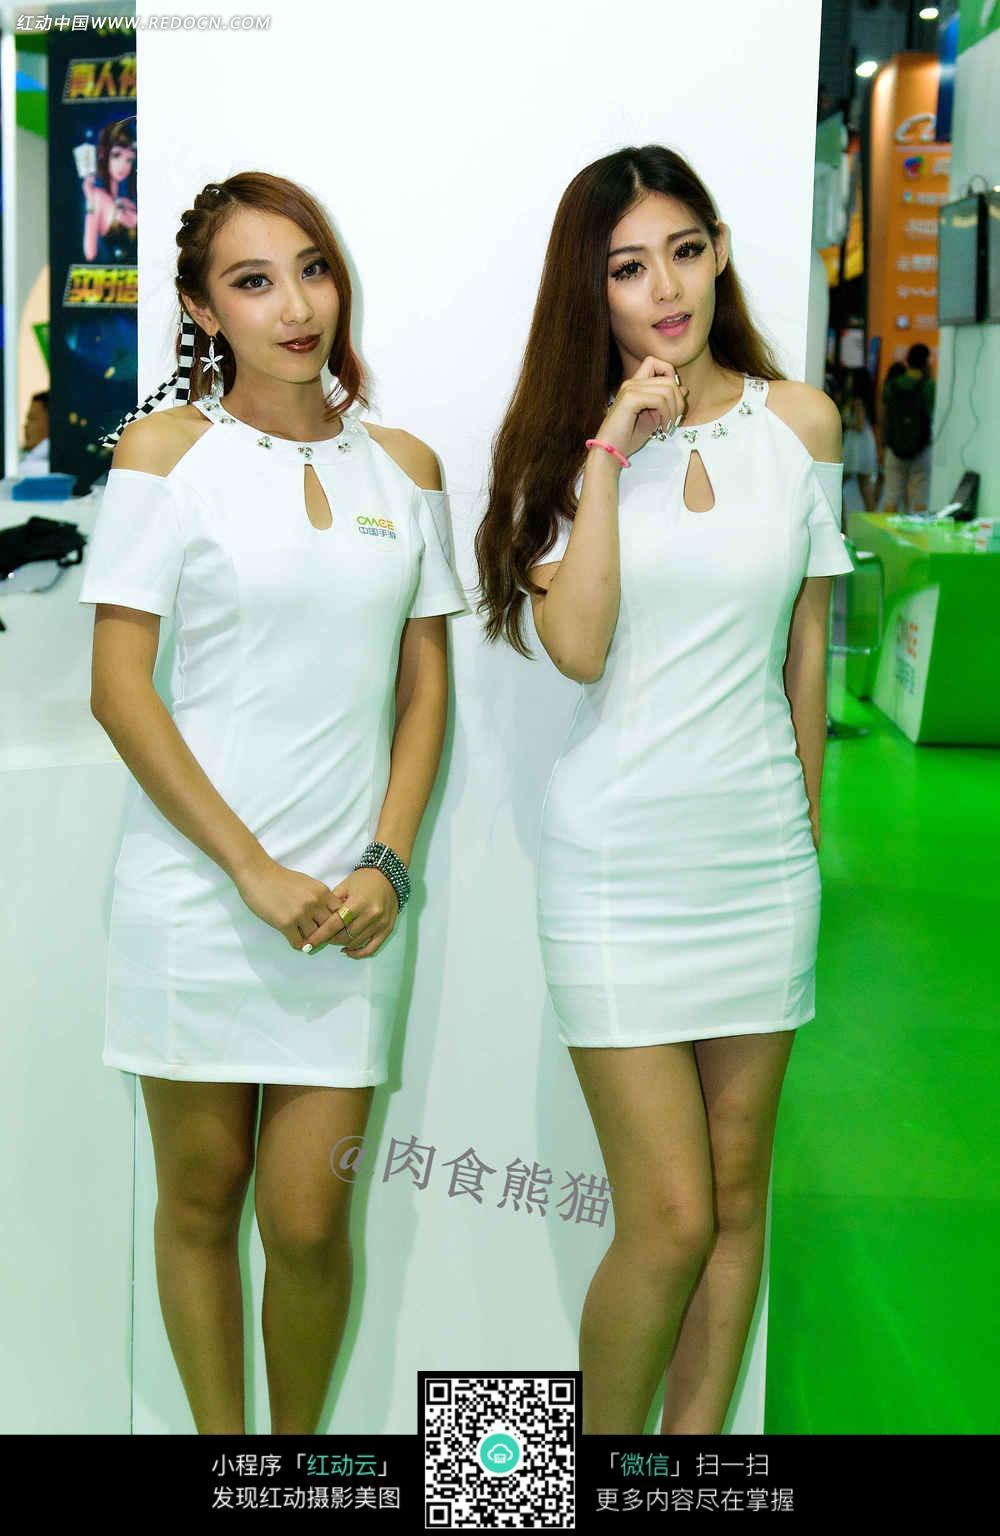 穿白色包裙的美女图片